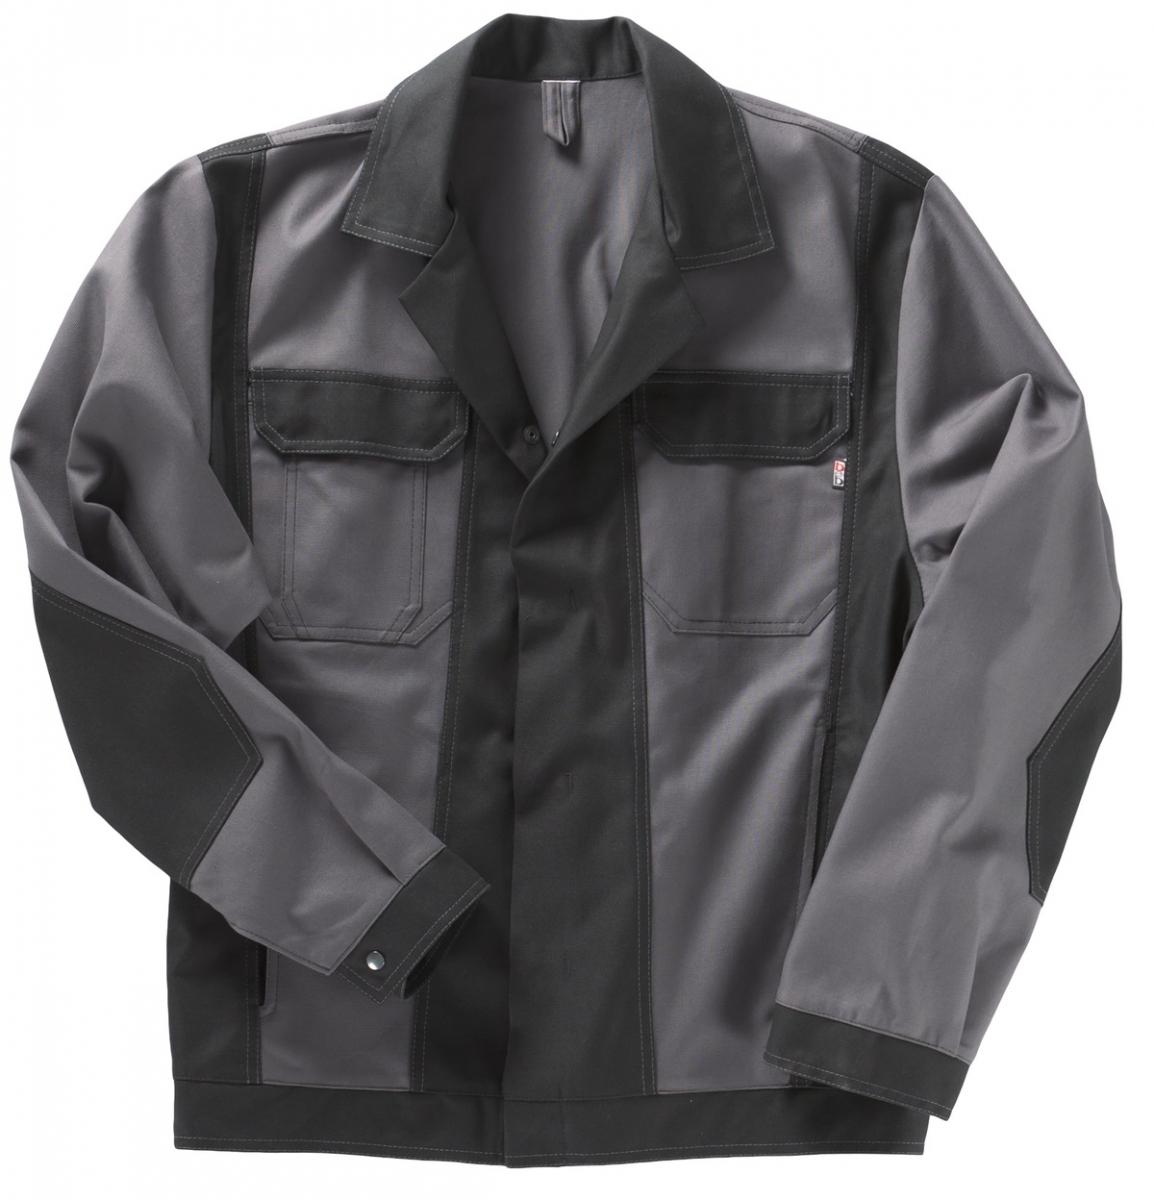 BEB-Bundjacke, Arbeits-Berufs-Jacke, Premium, MG 325, grau/schwarz